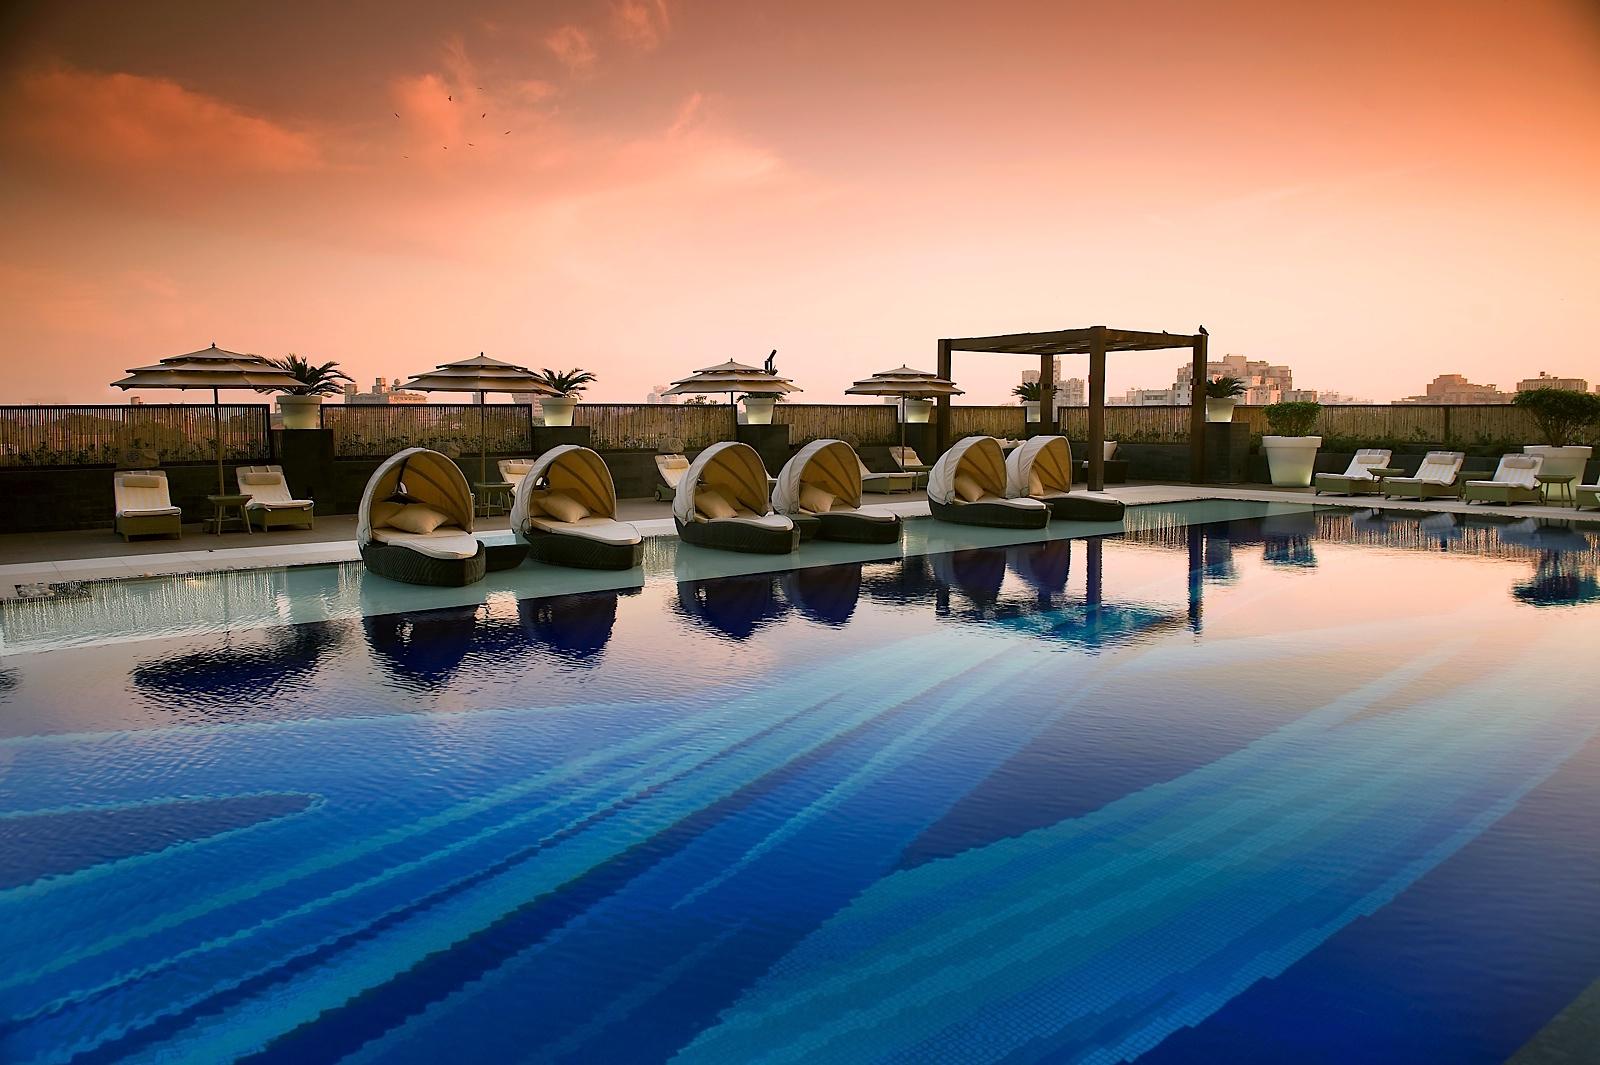 Hoteles the lalit en india visi n cosmopolita y fresca for Hoteles de lujo en vitoria